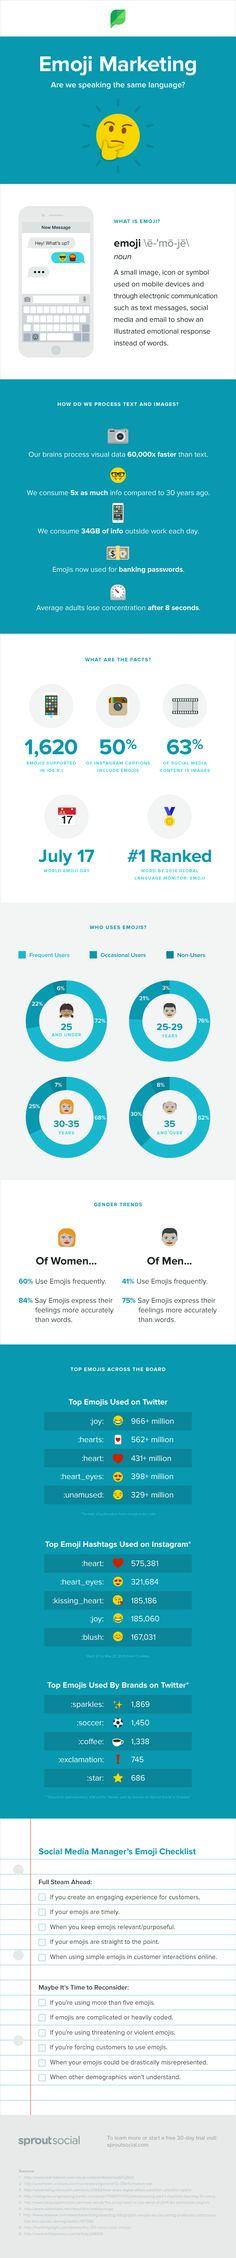 #Emoji #marketing ¿estamos hablando el mismo idioma?